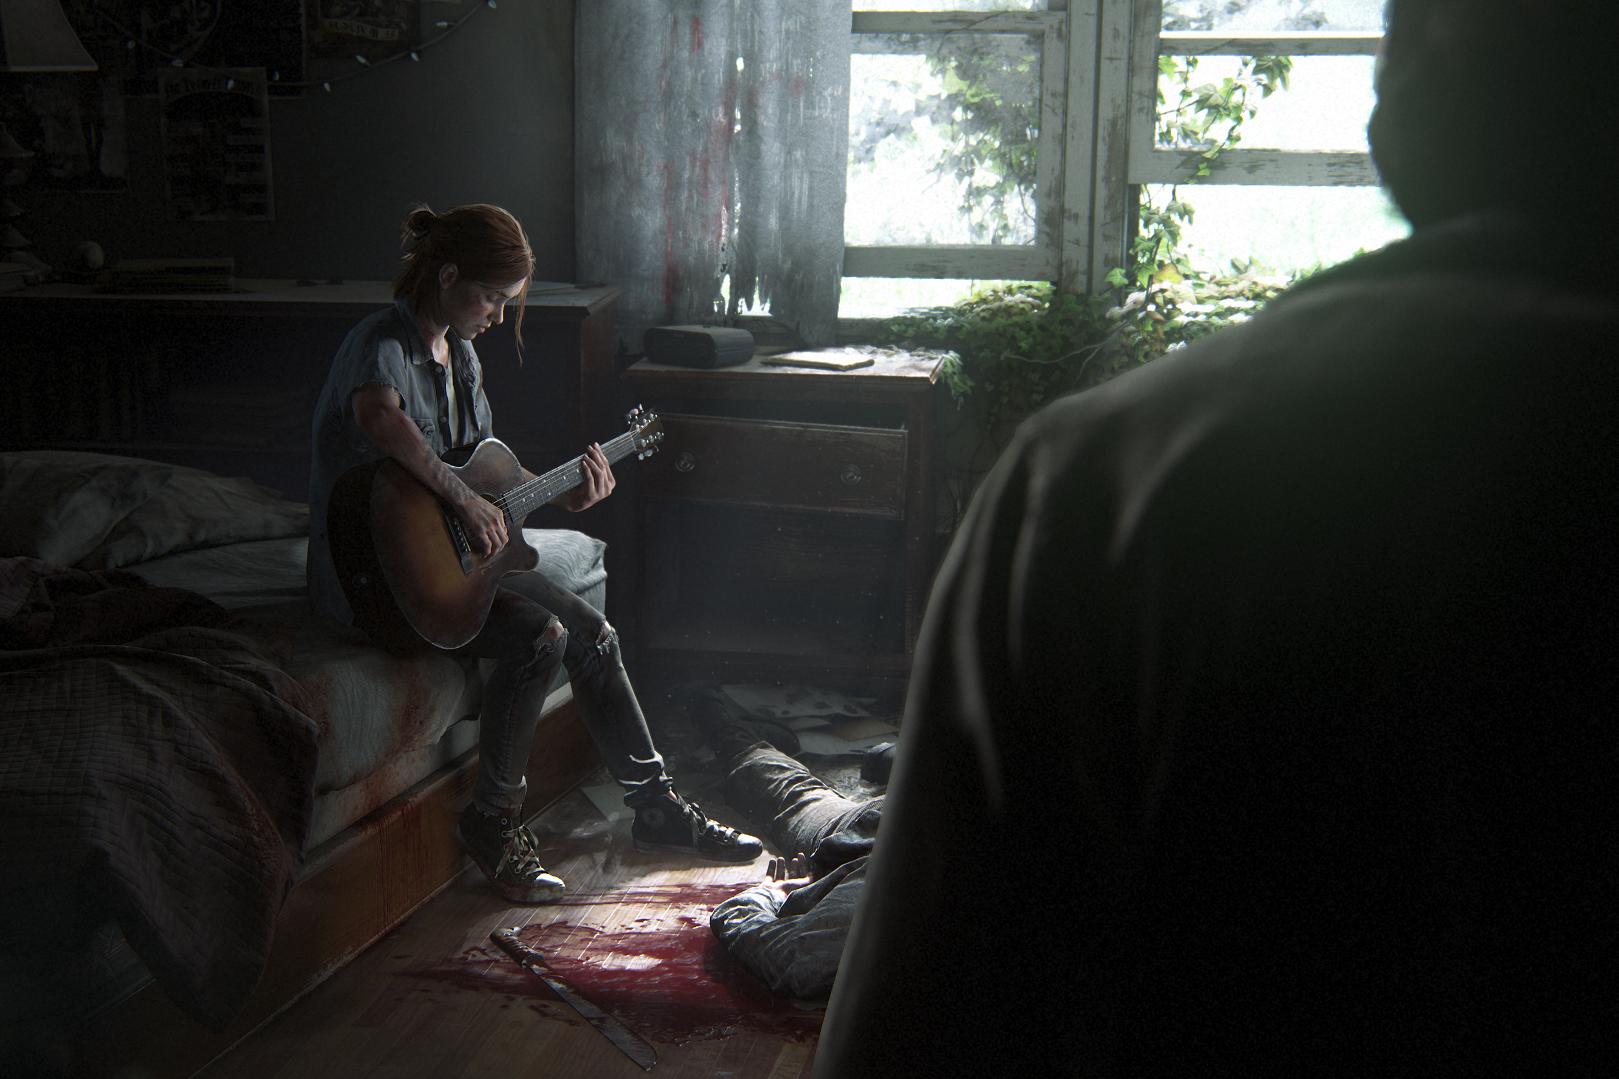 """La fin de """"The Last of Us"""" vous a plongé dans le désarroi ? Vivement la suite"""